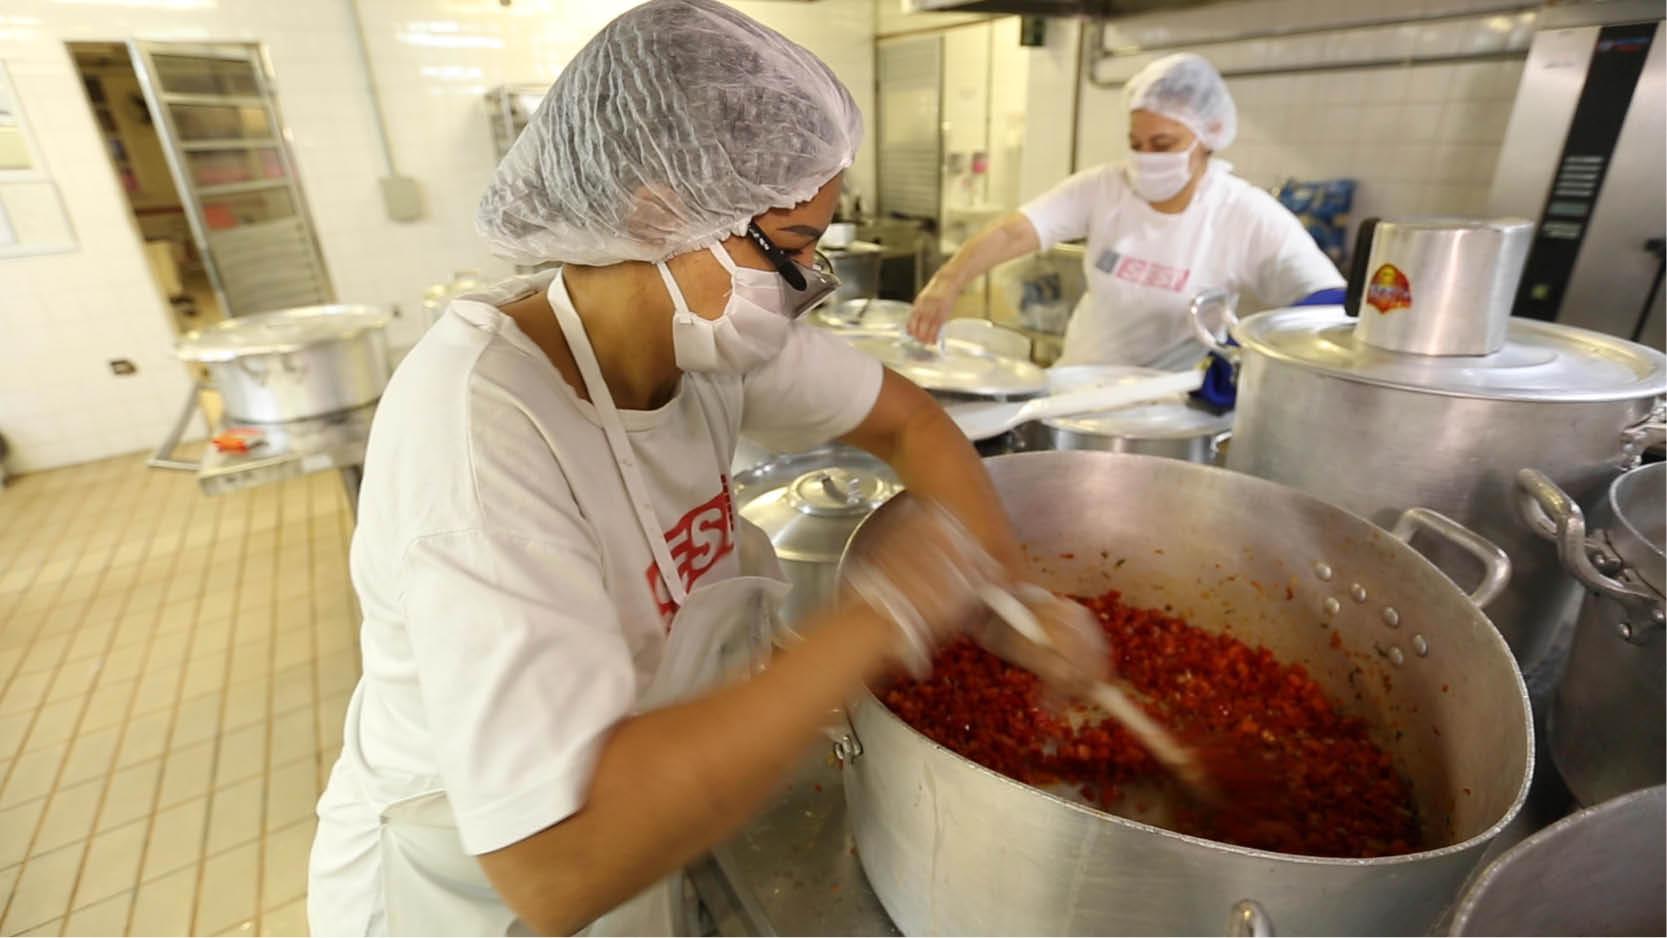 Neste mês, serão distribuídas mais 1,173 milhão de refeições